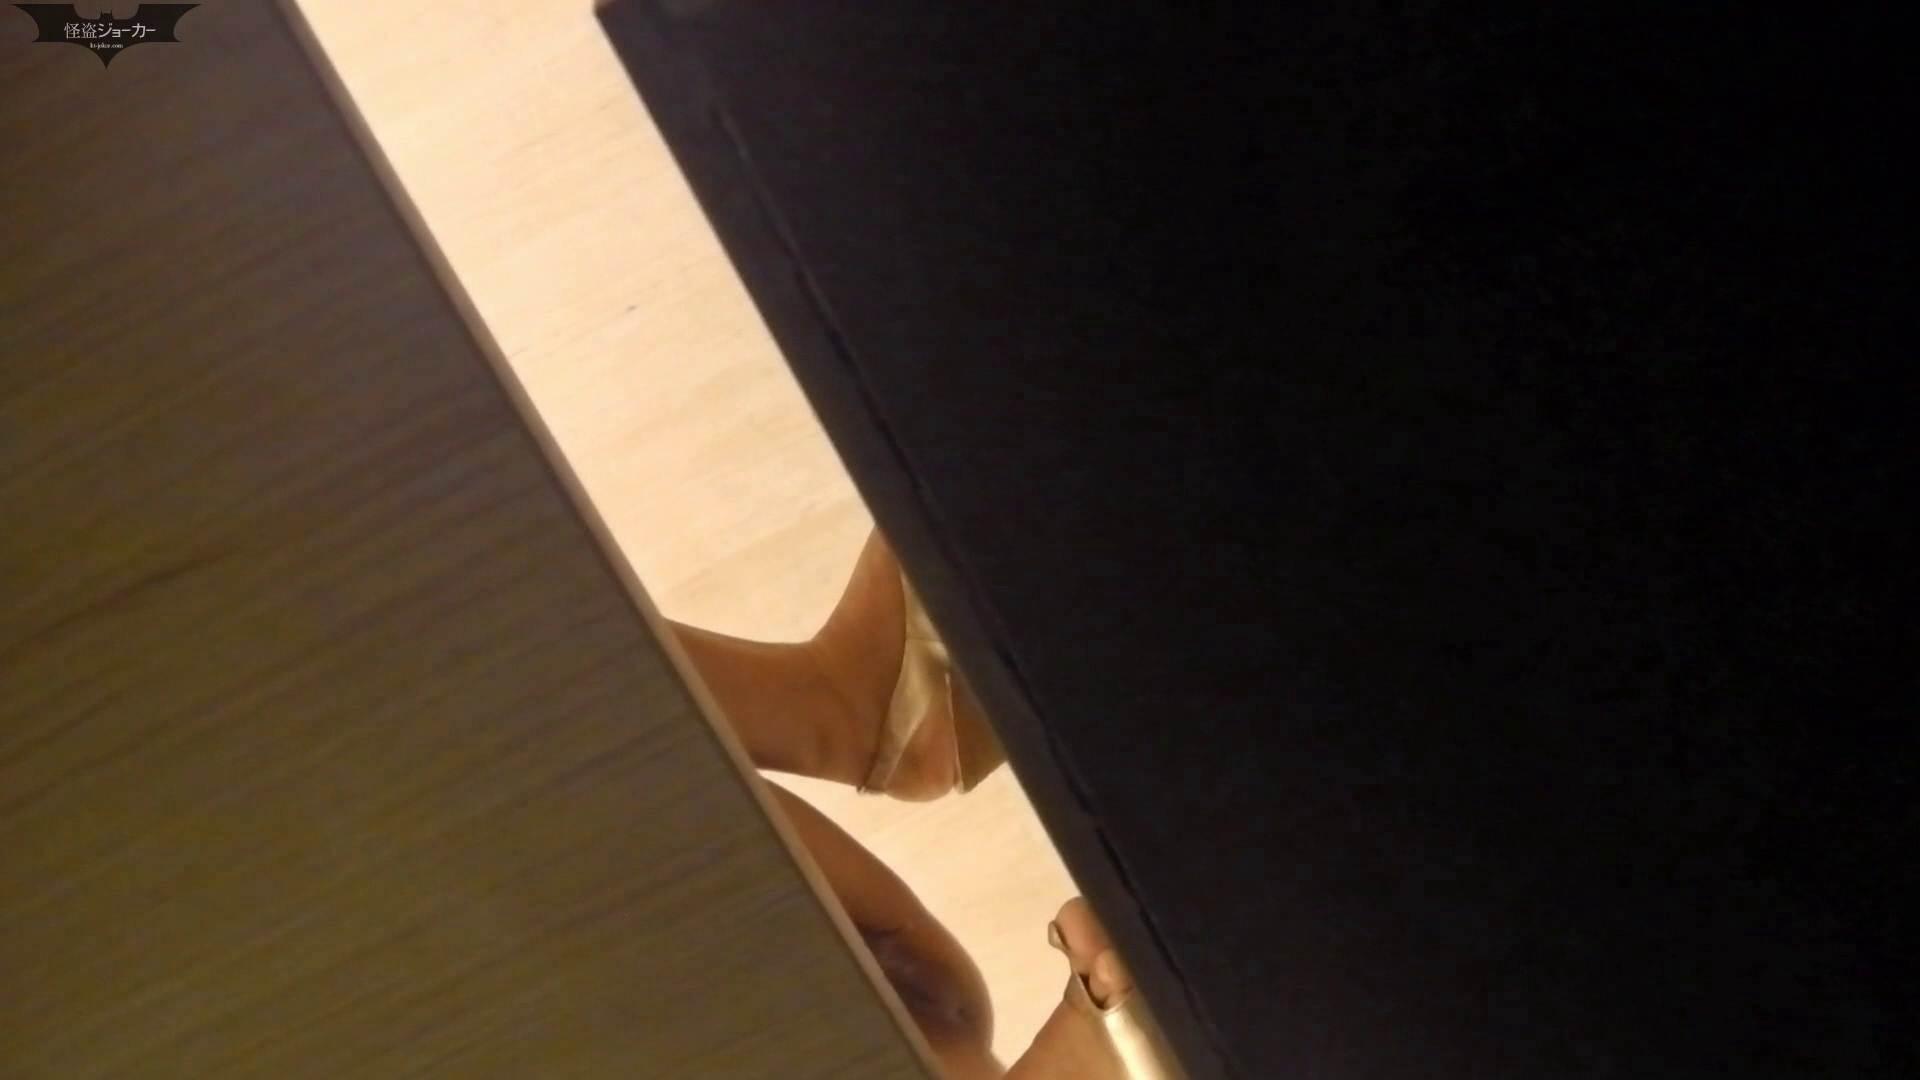 阿国ちゃんの和式洋式七変化 Vol.25 ん?突起物が・・・。 洗面所シーン オマンコ動画キャプチャ 30画像 19